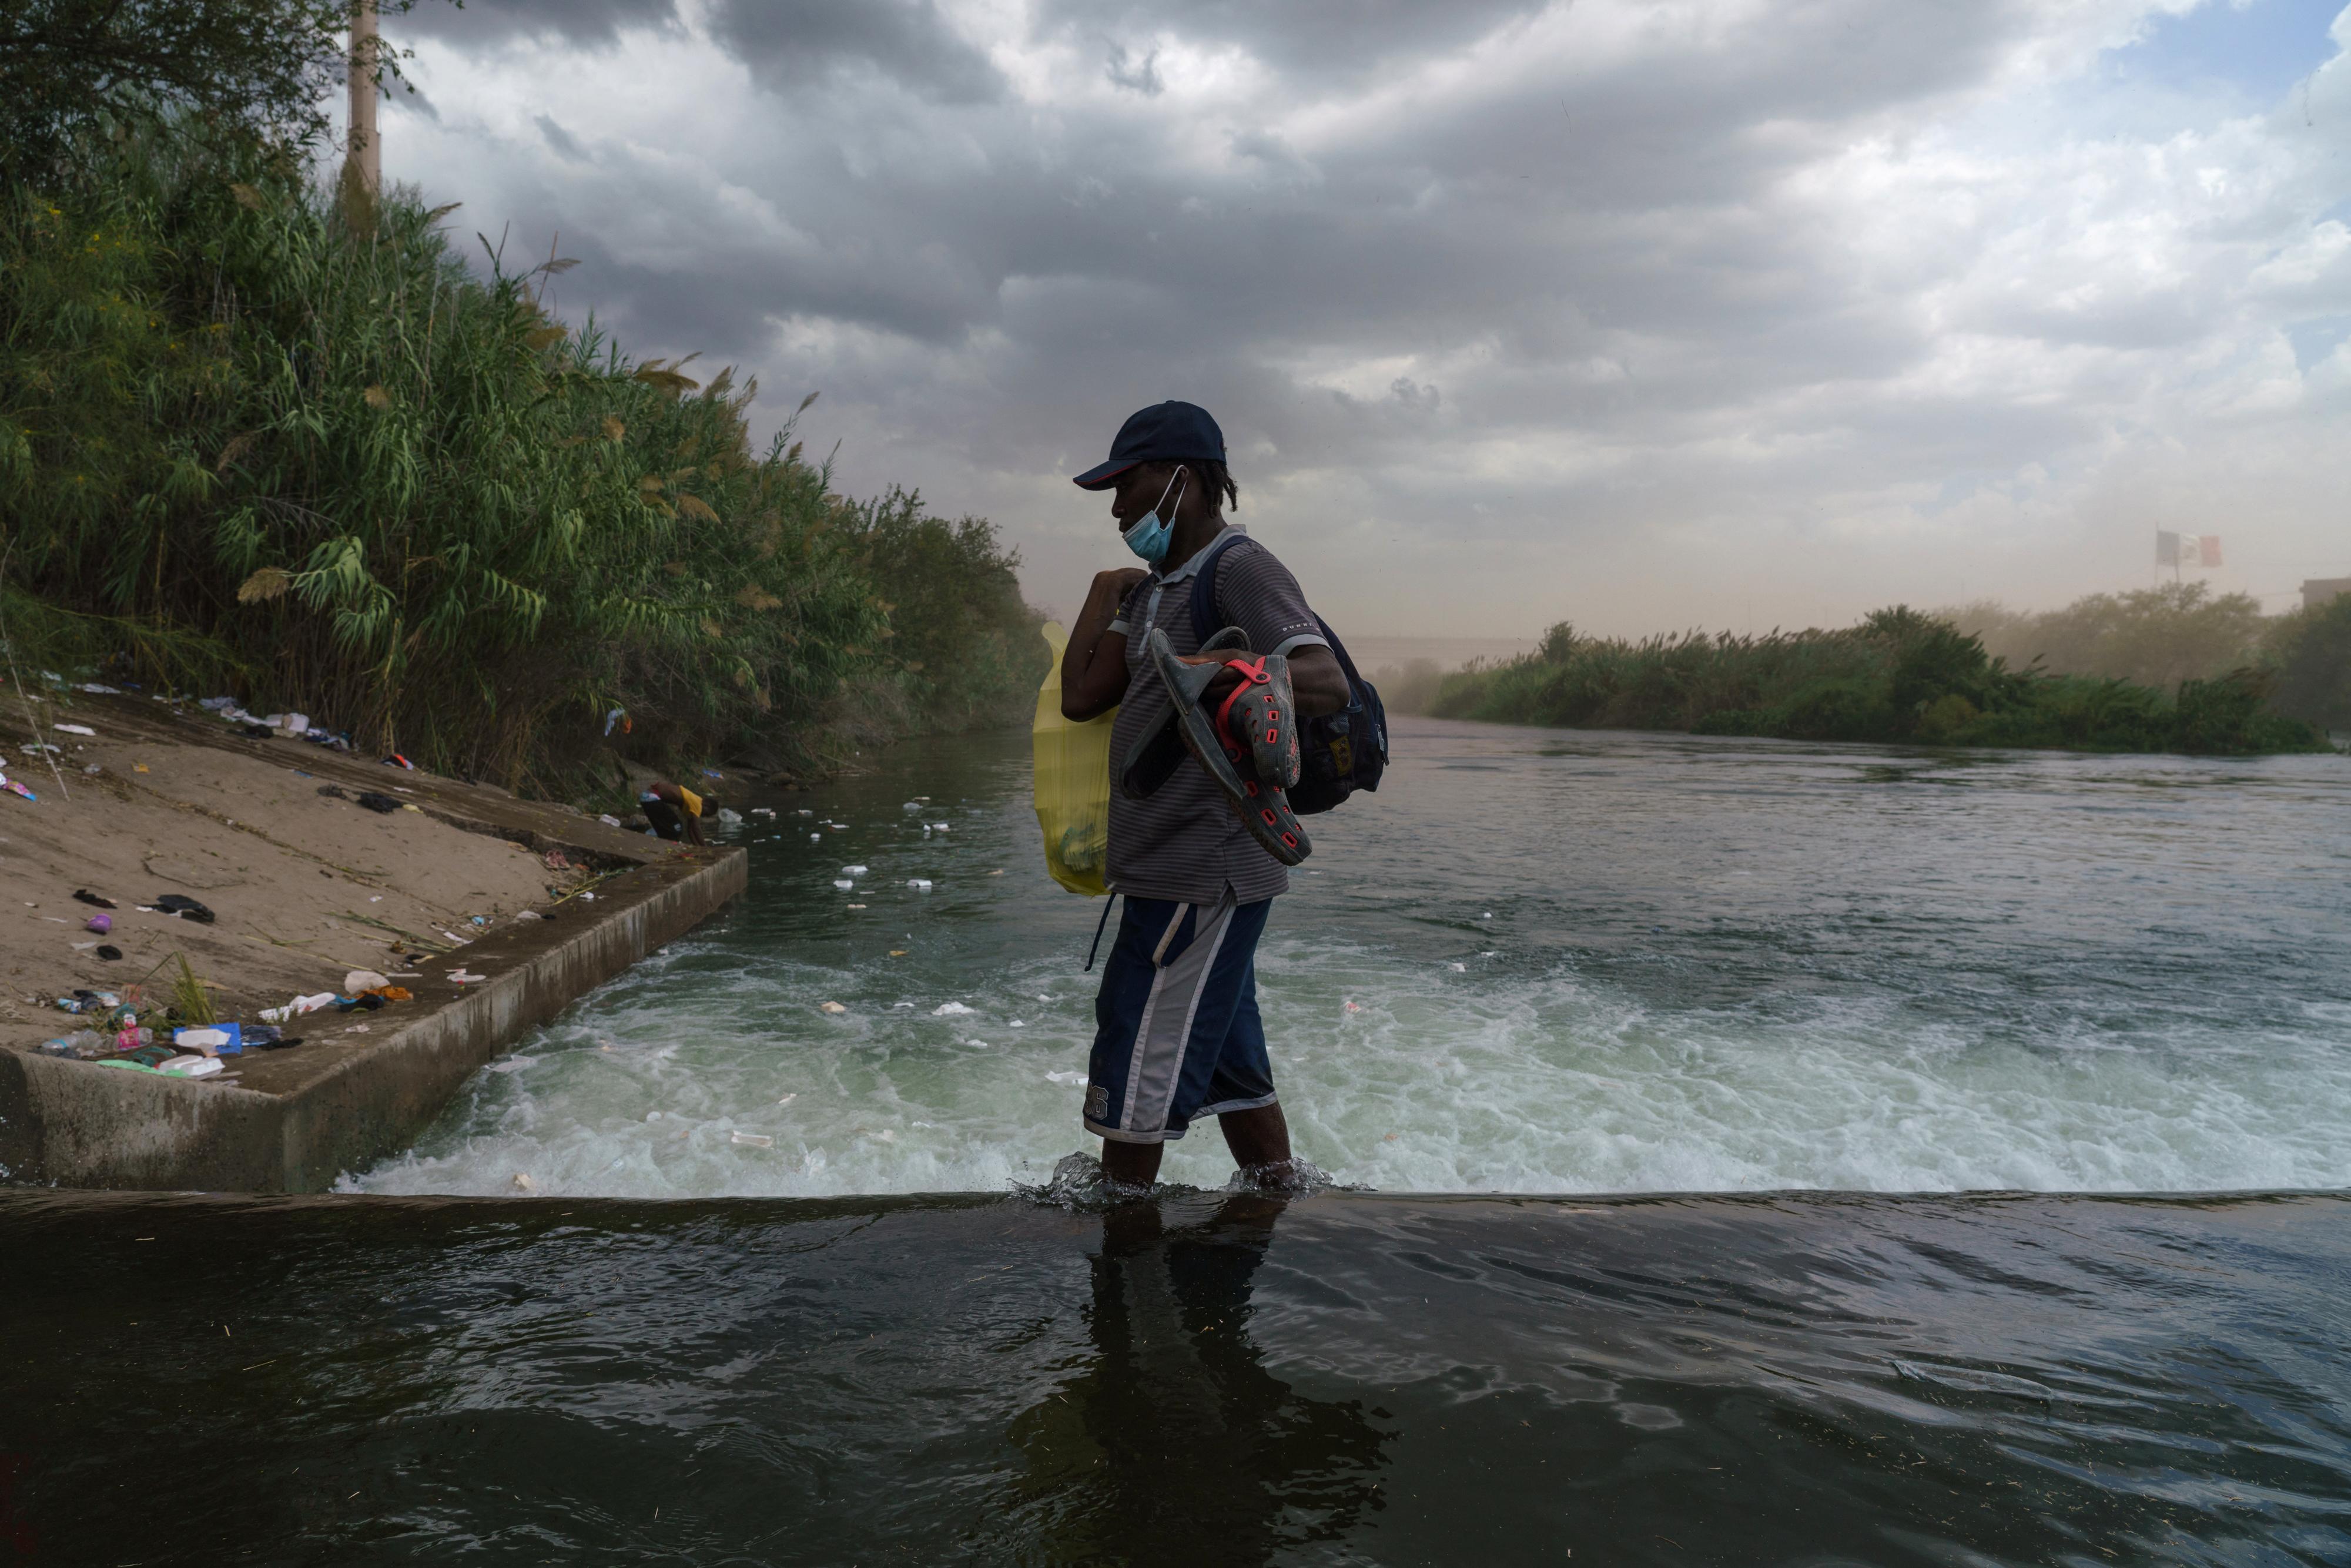 Trump rendeletével szabadul meg az Egyesült Államok a határon várakozó haitiaktól